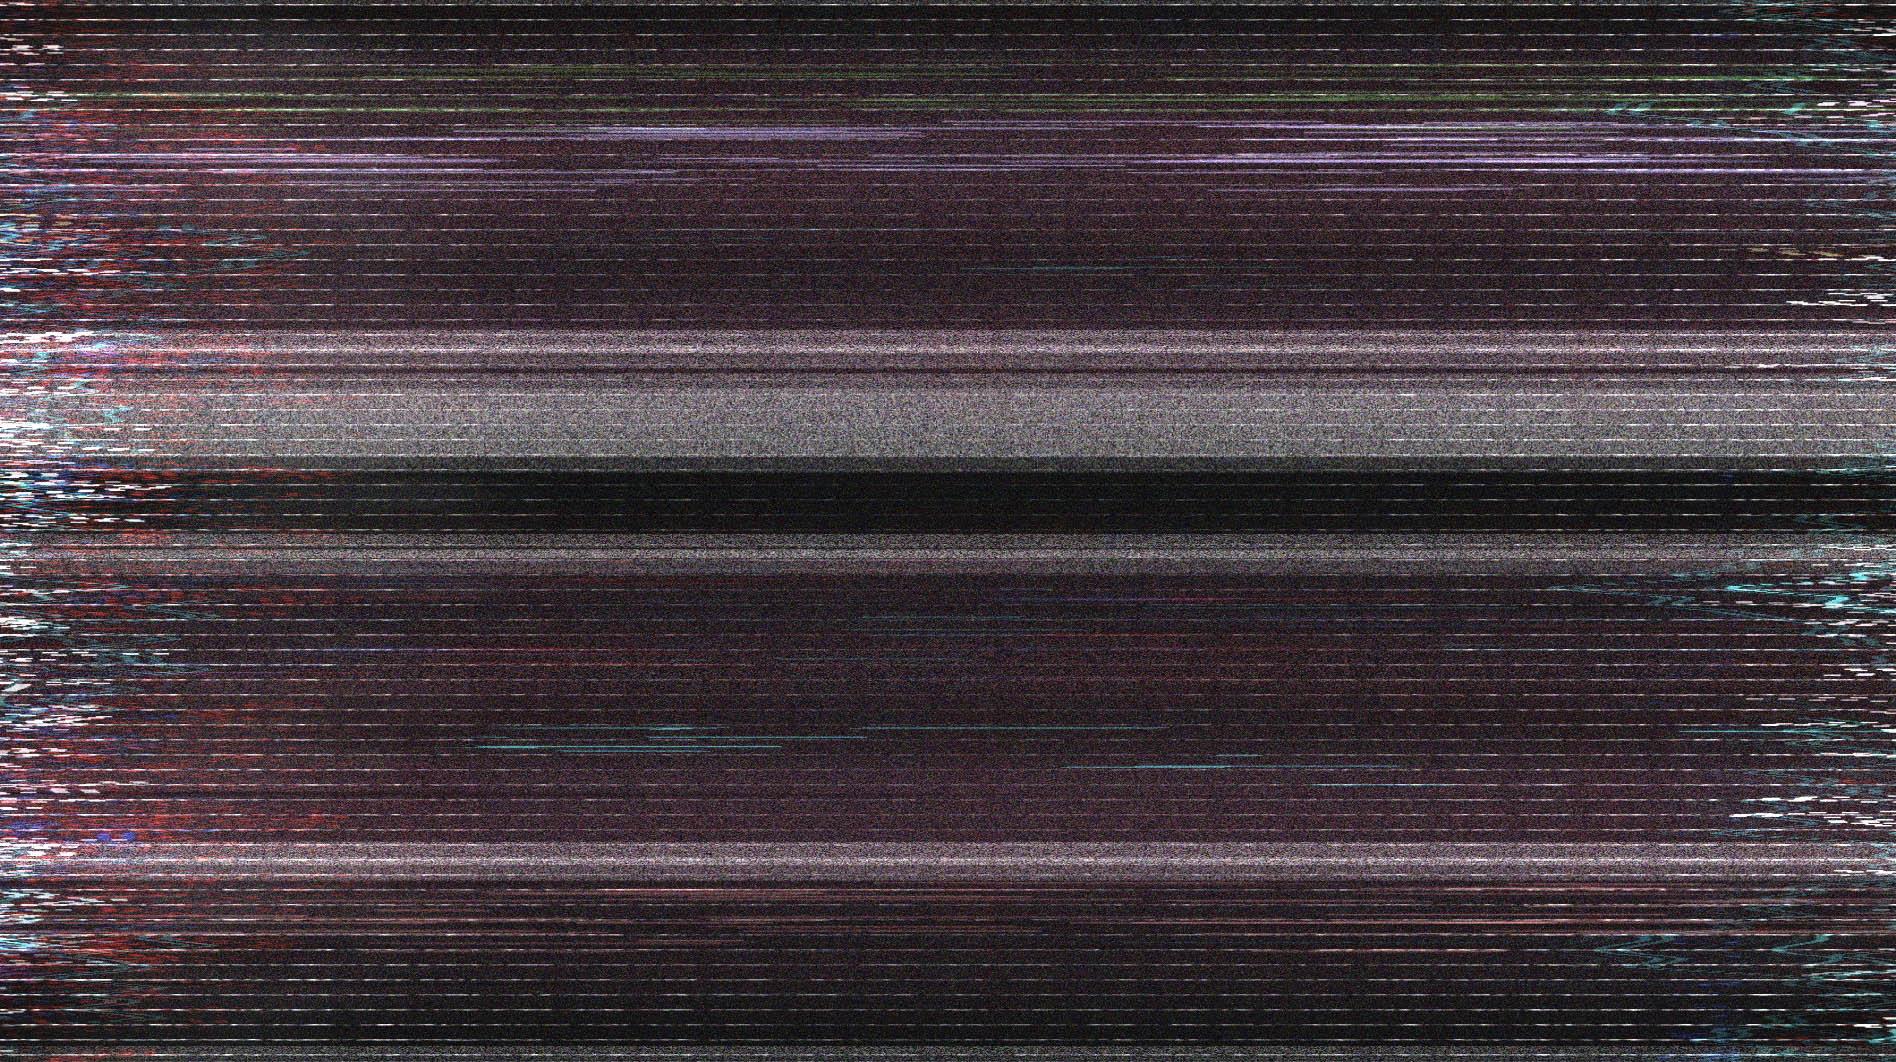 信号干扰屏幕转场特效素材